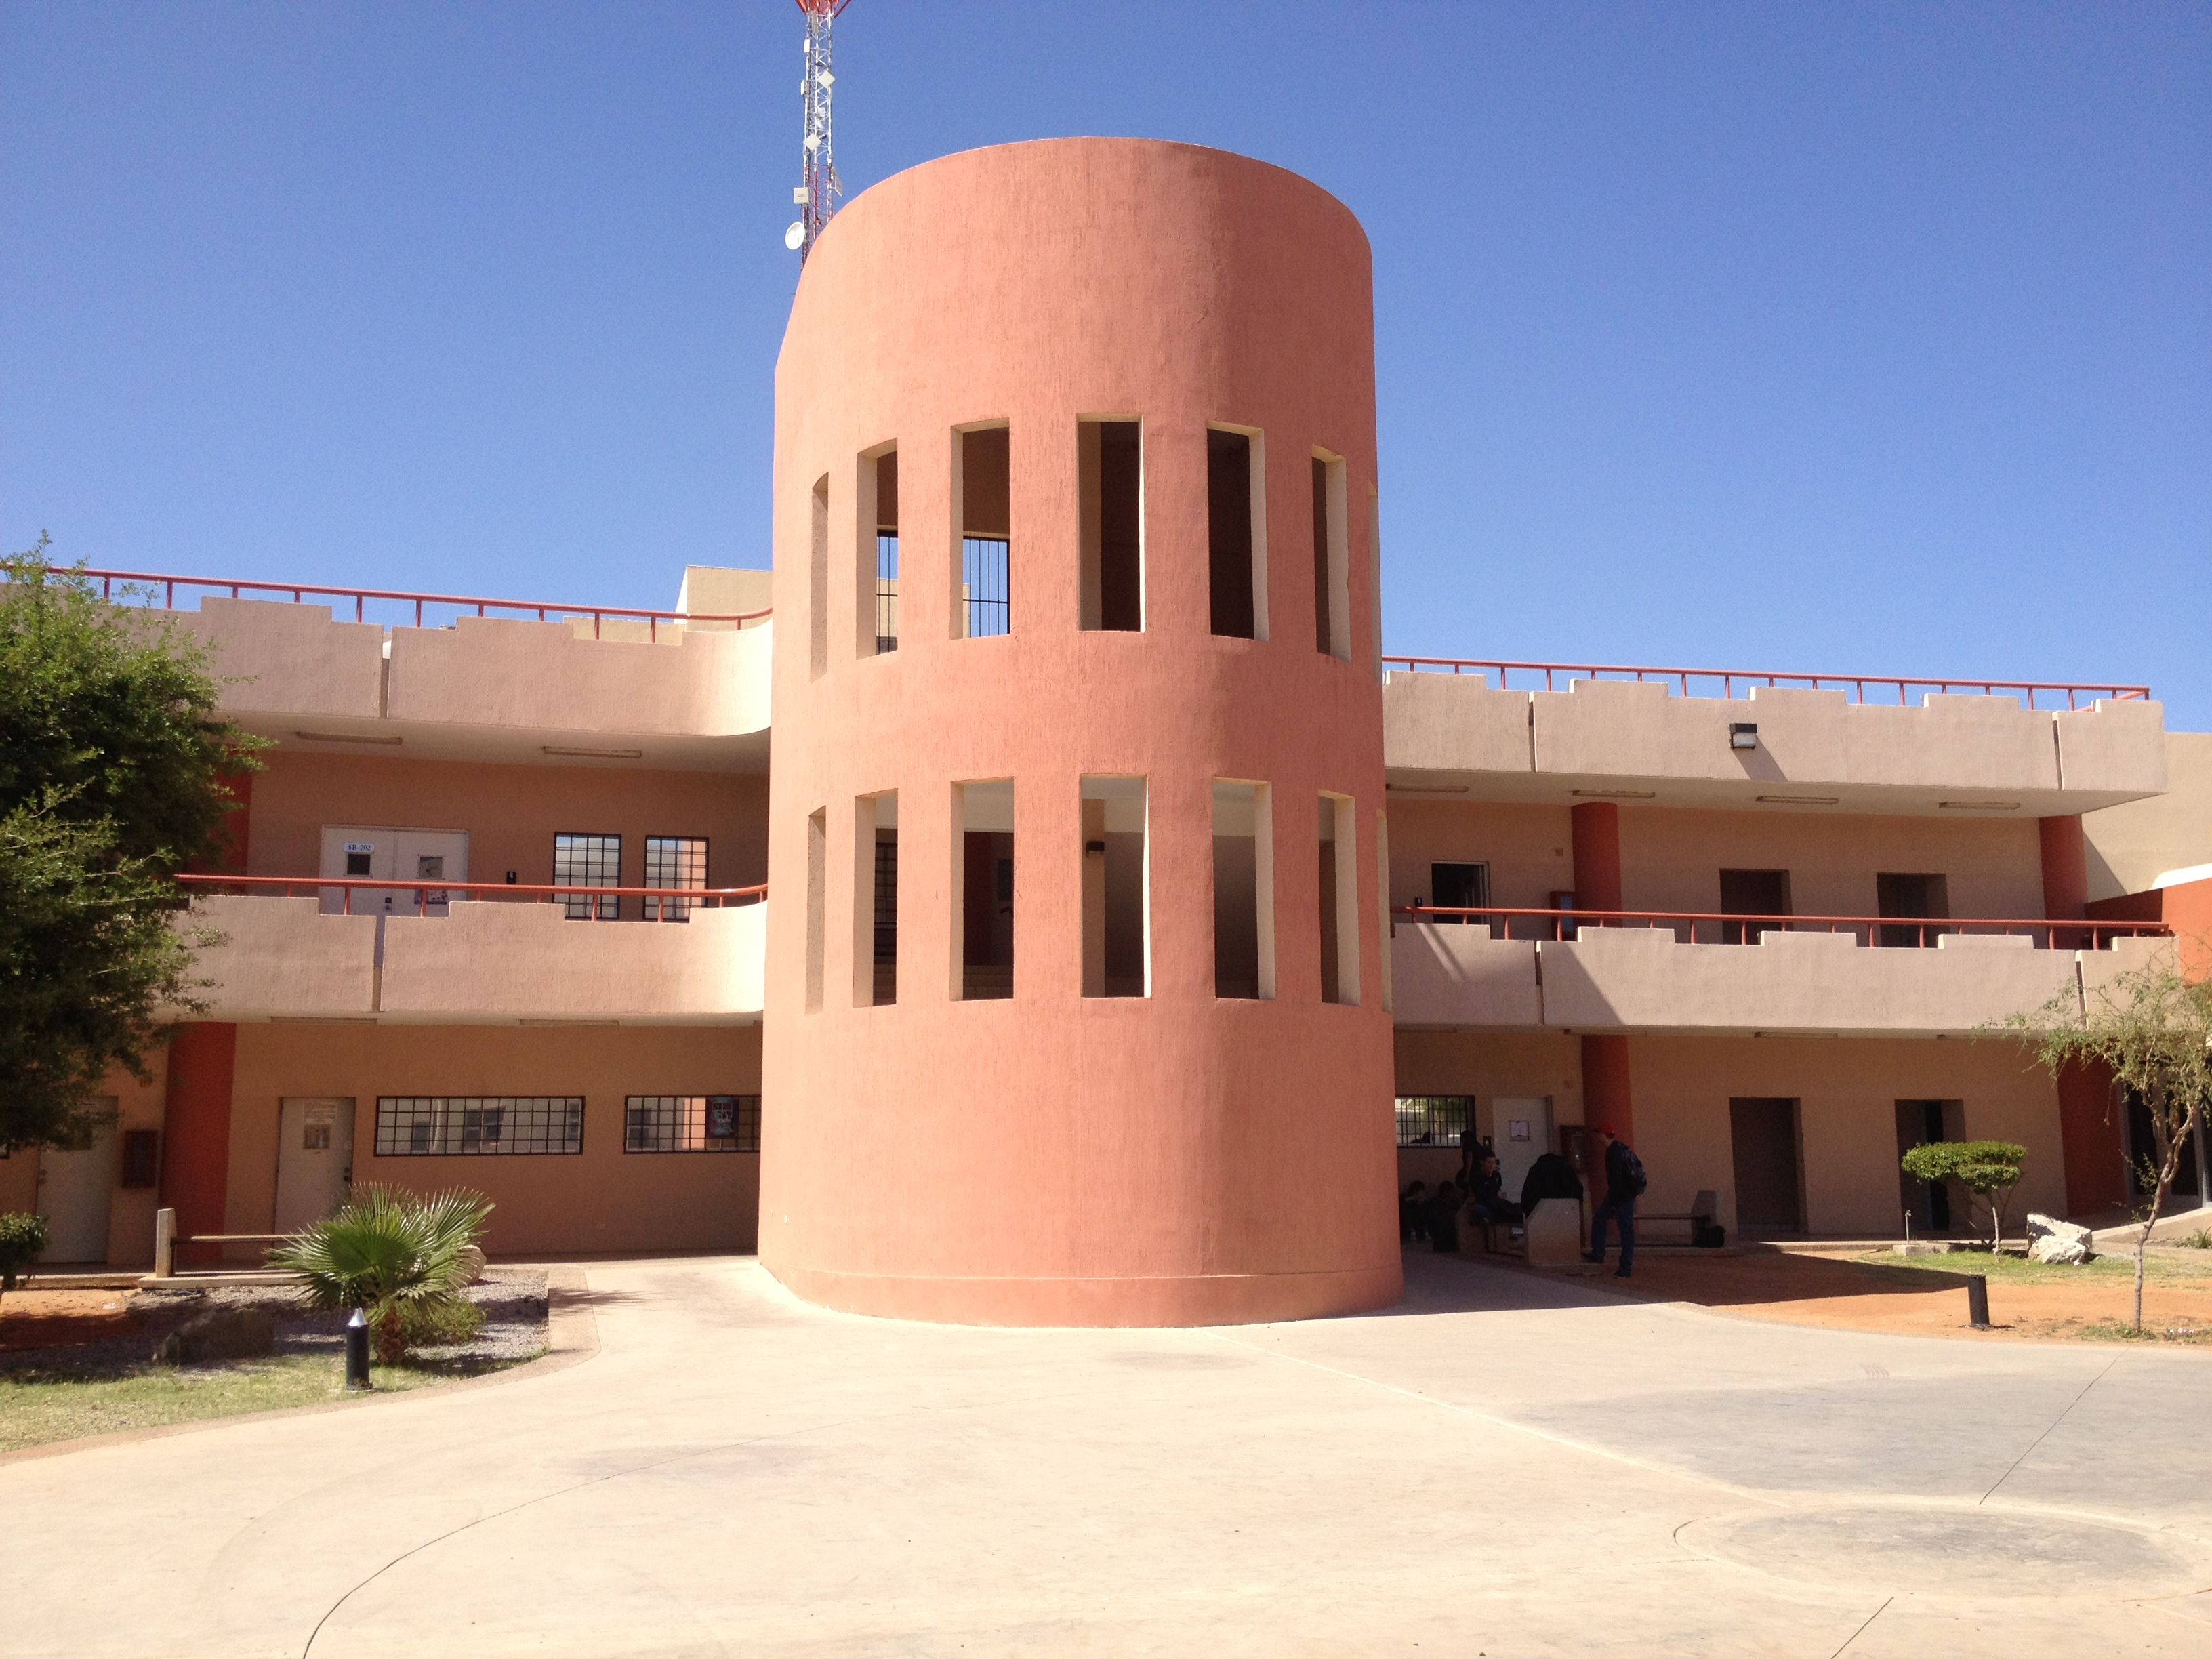 Archivo edificio 8b unison jpg wikipedia la for Universidades en hermosillo